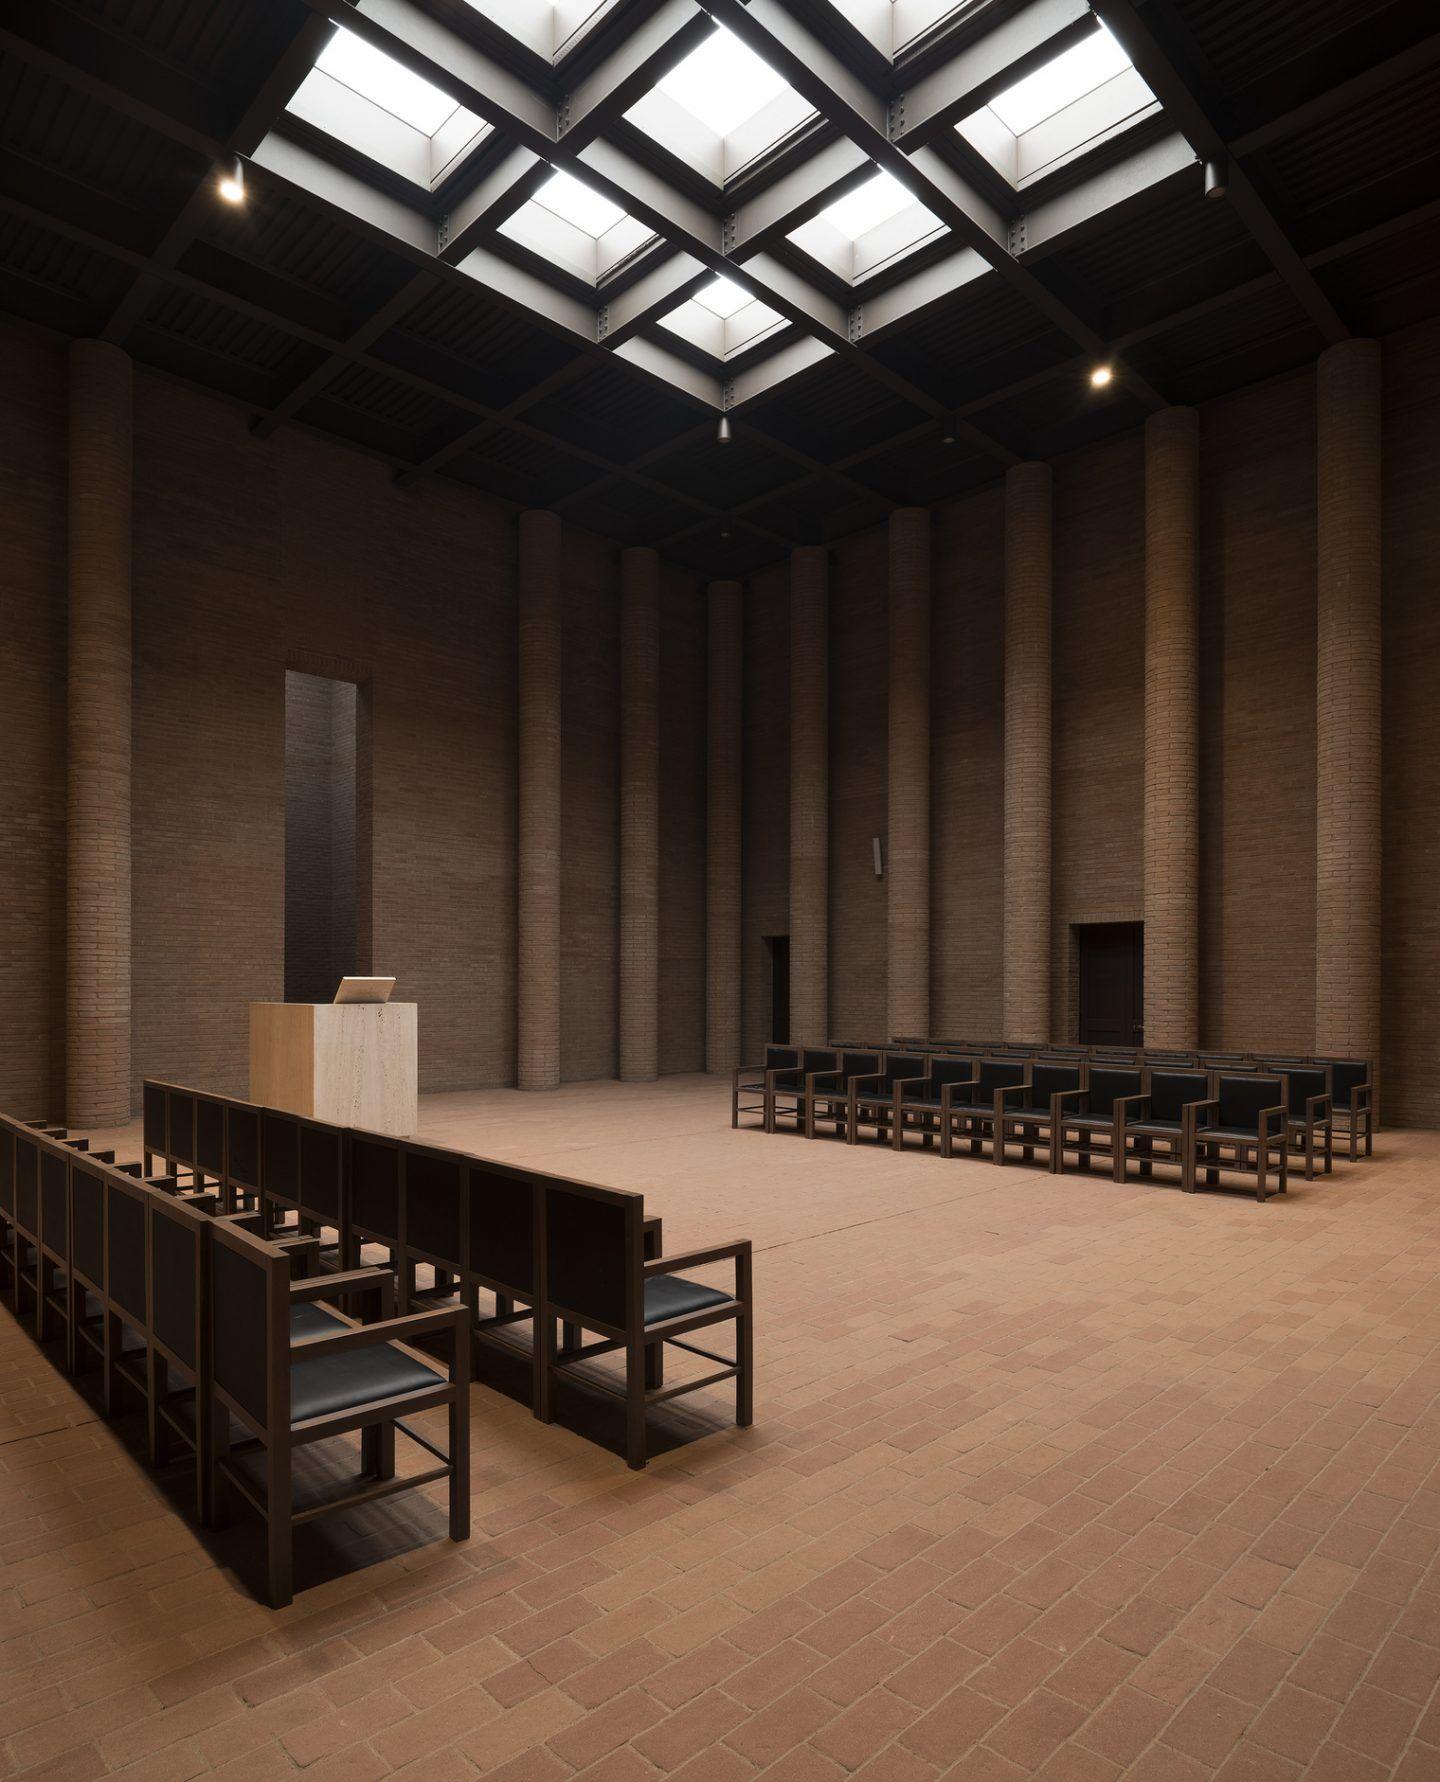 IGNANT-Architecture-Fabio-Bascetta-Tempio-di-Cremazione-011